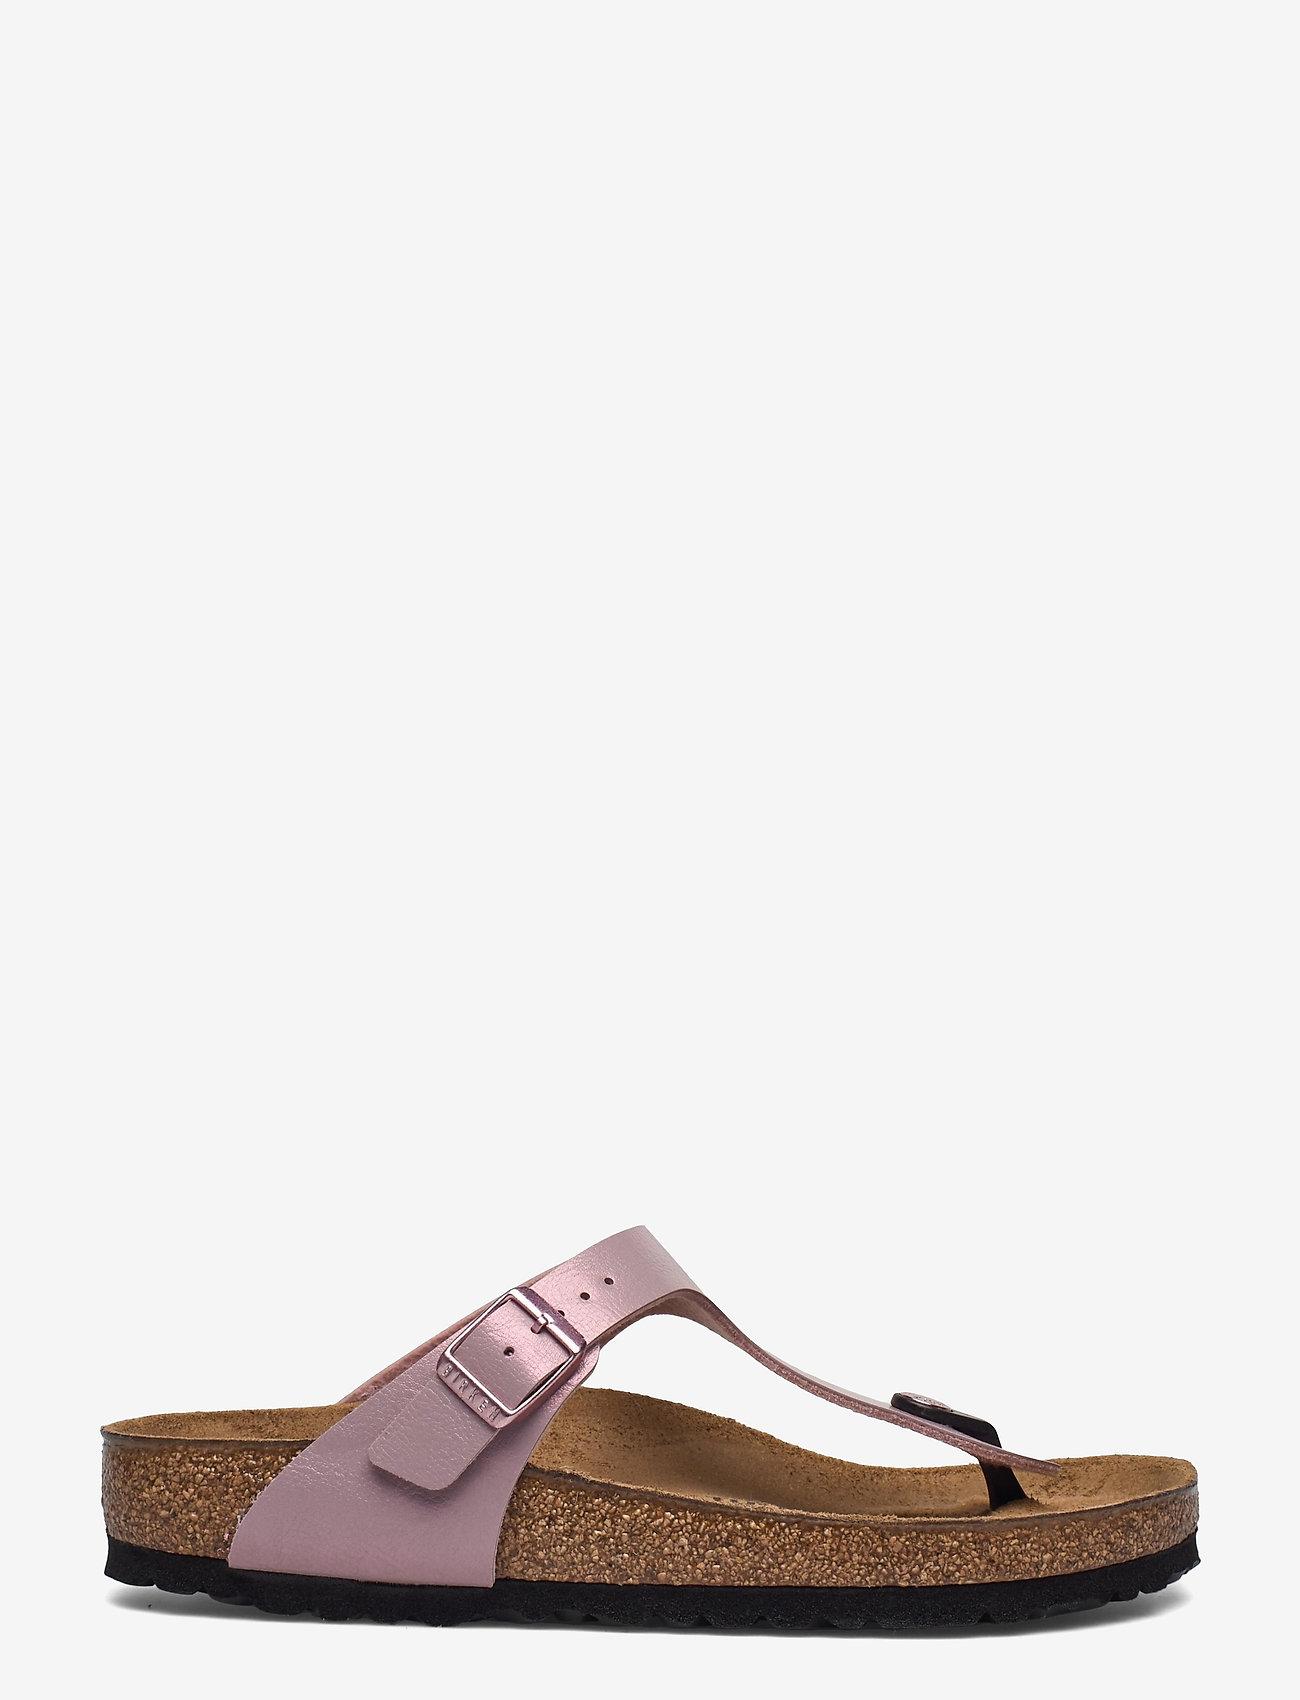 Birkenstock - Gizeh - flade sandaler - graceful lavender blush - 1